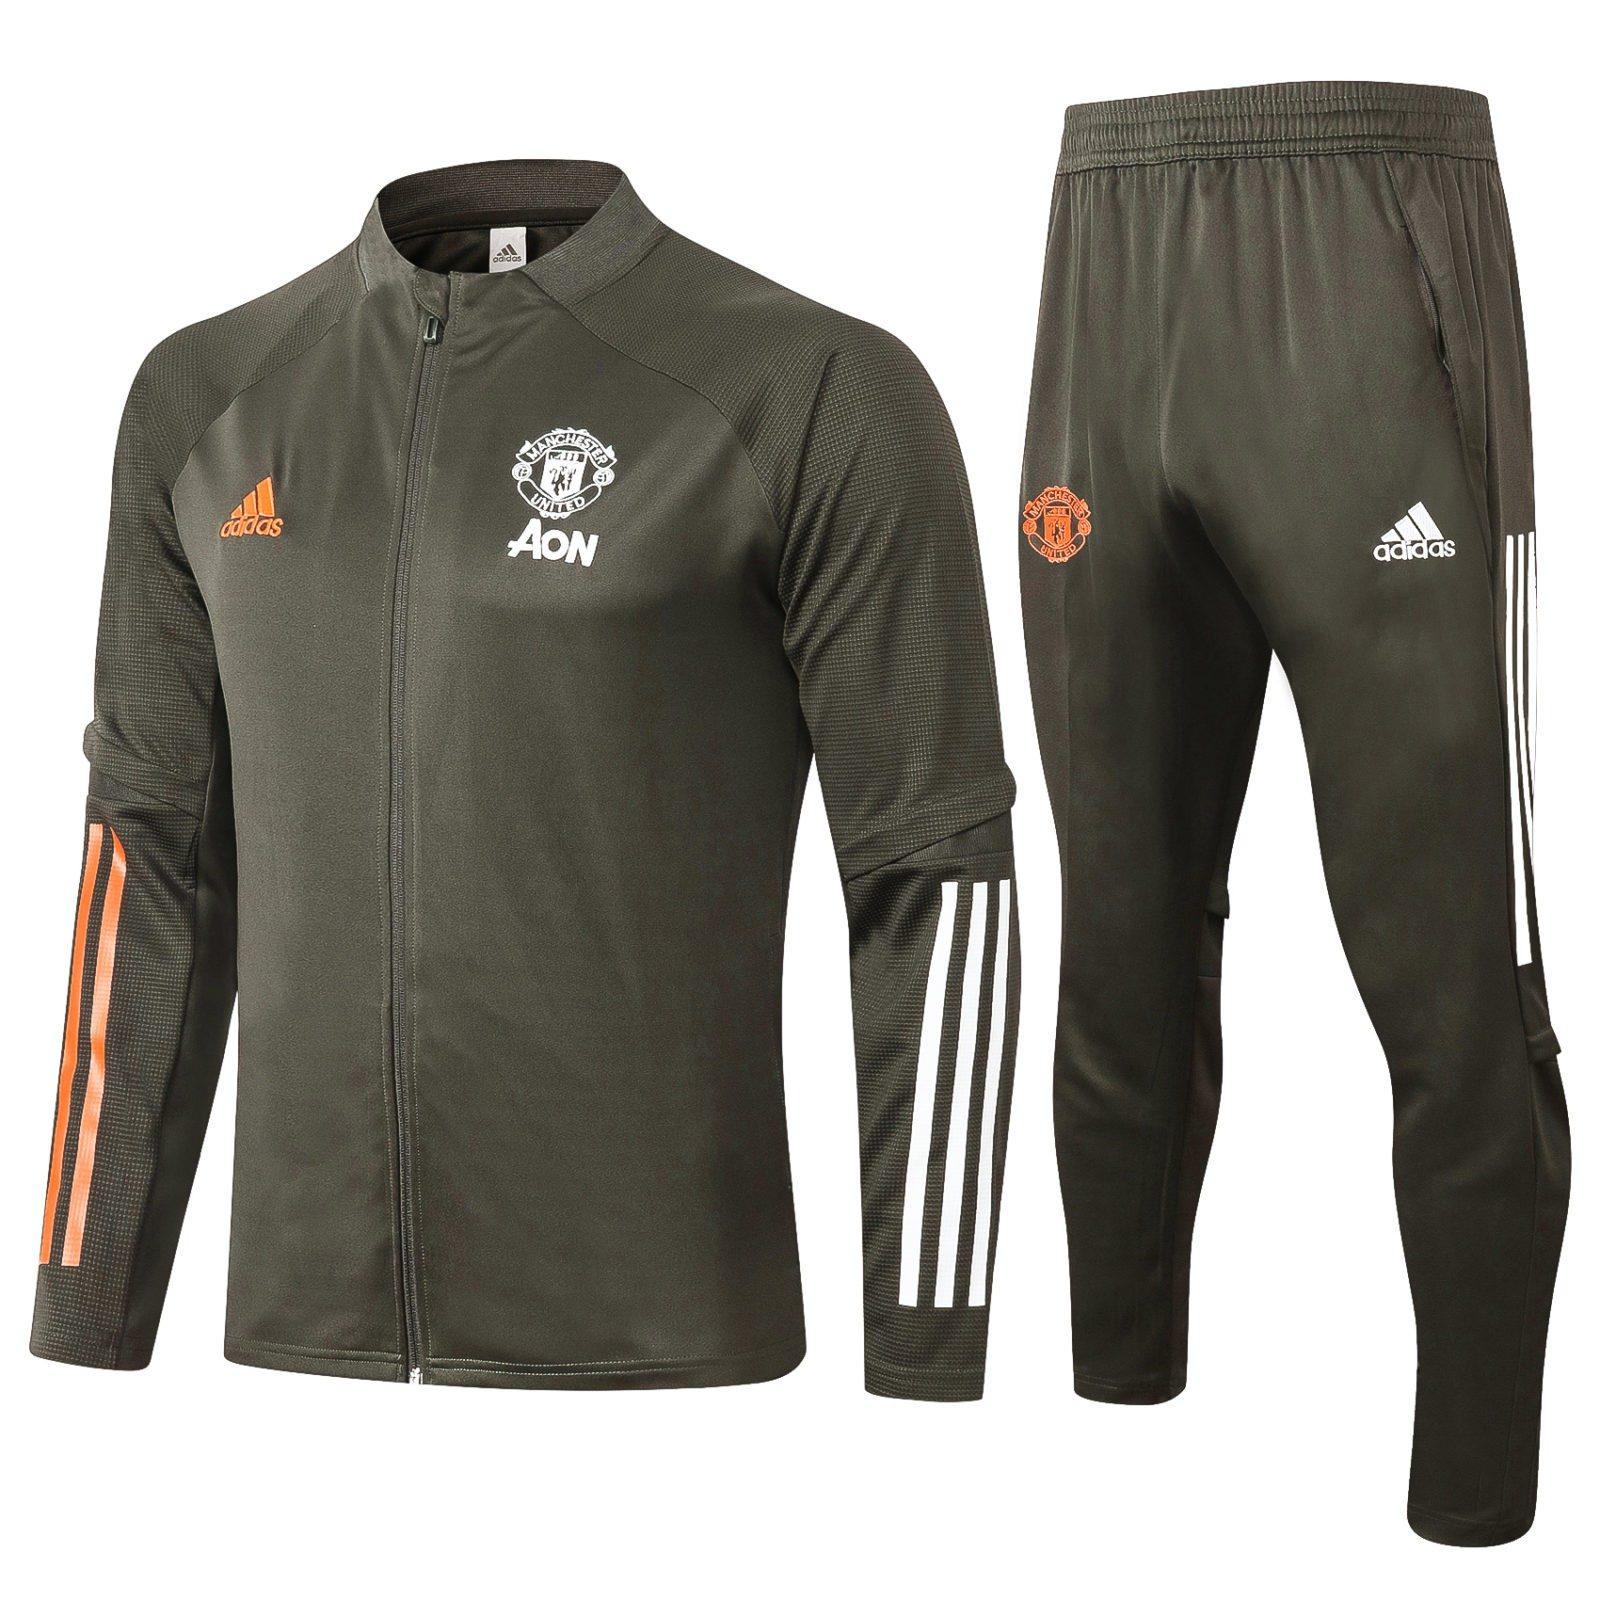 Спортивный костюм Манчестер Юнайтед сезон 2020-2021 арт.13002